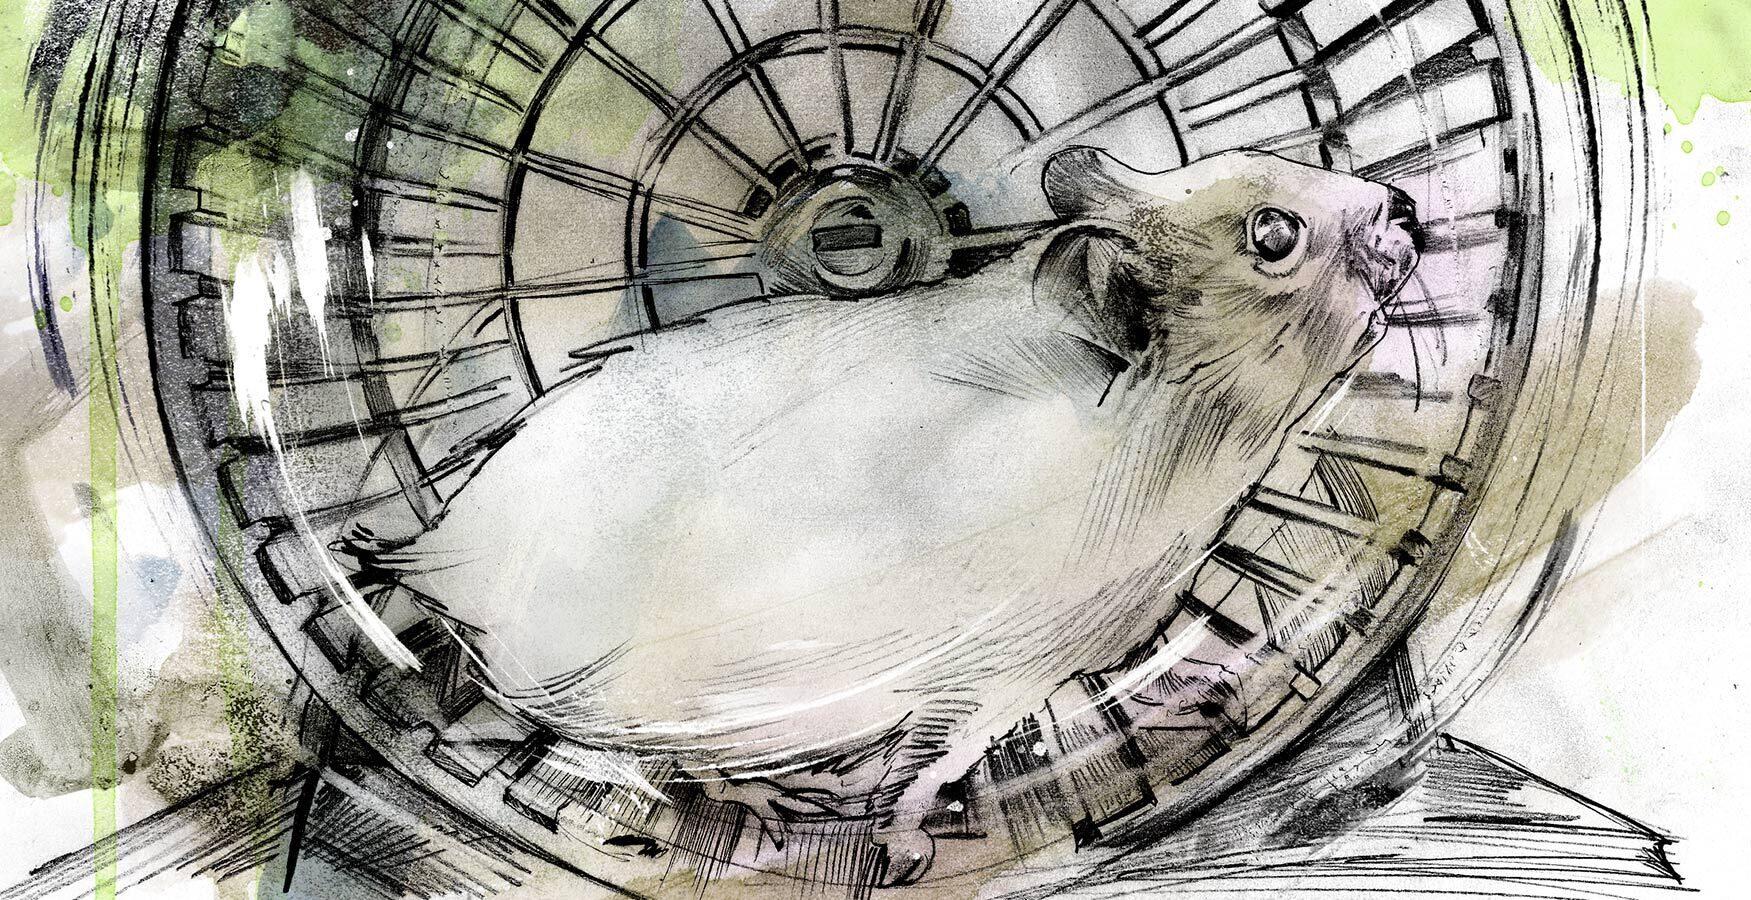 Hamsterrad Manager Editorial Illustration - Kornel Illustration | Kornel Stadler portfolio